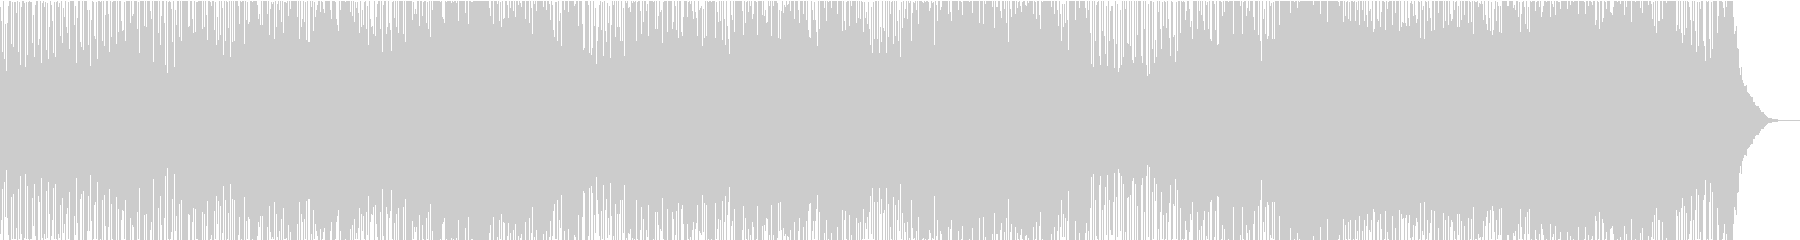 エネルギッシュなドラム/ベースギタ...の未再生の波形